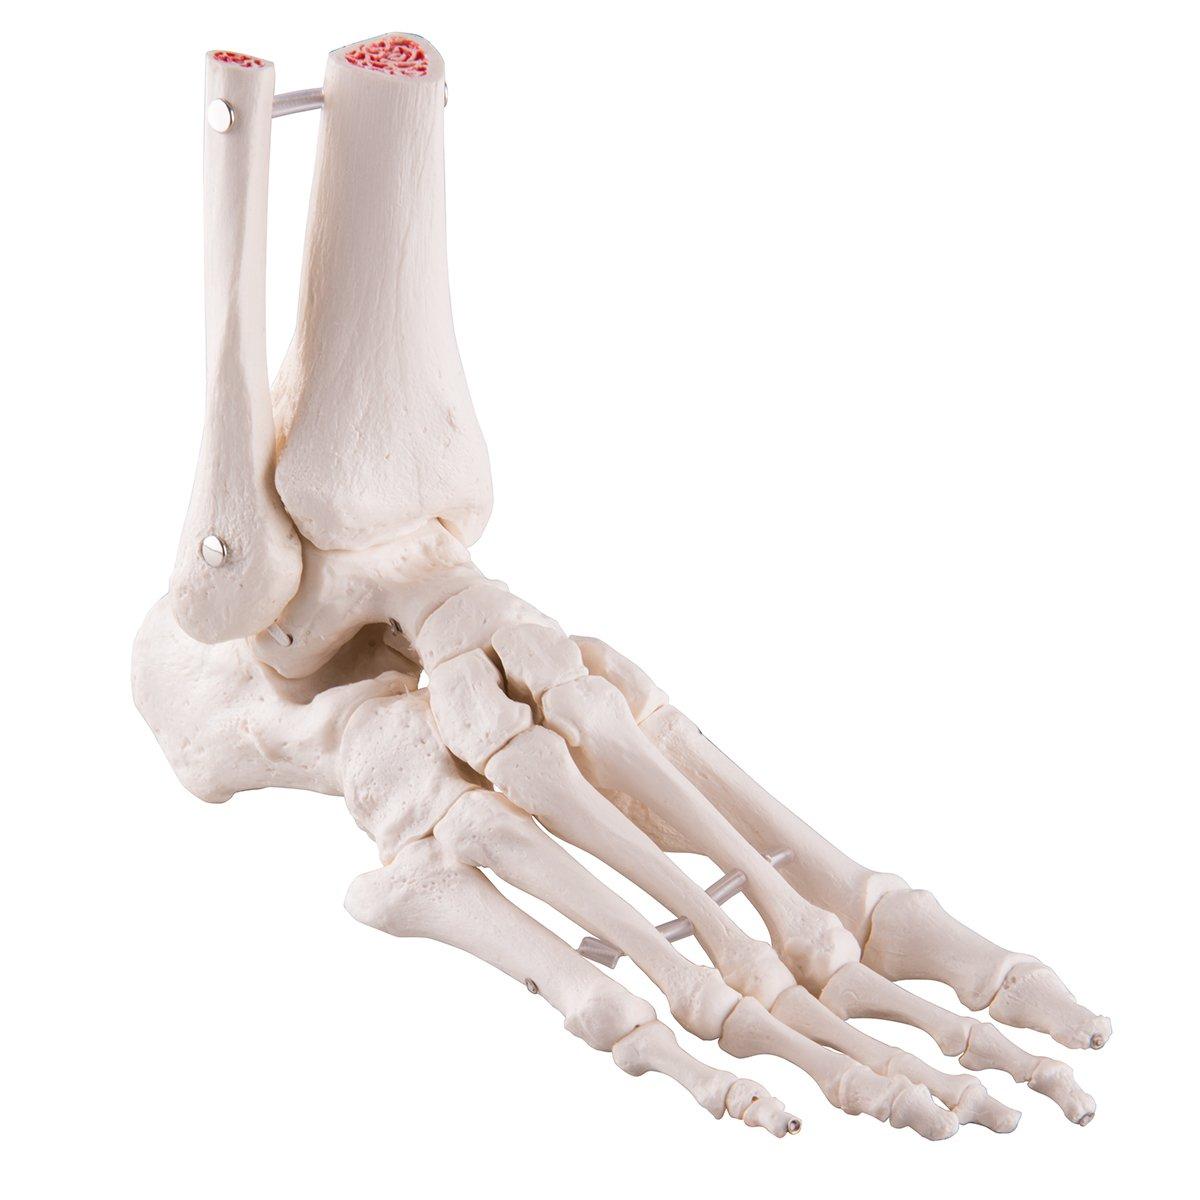 足の骨モデル,脛骨腓骨付,エラスティックコードつなぎ   B00B5YY6GE